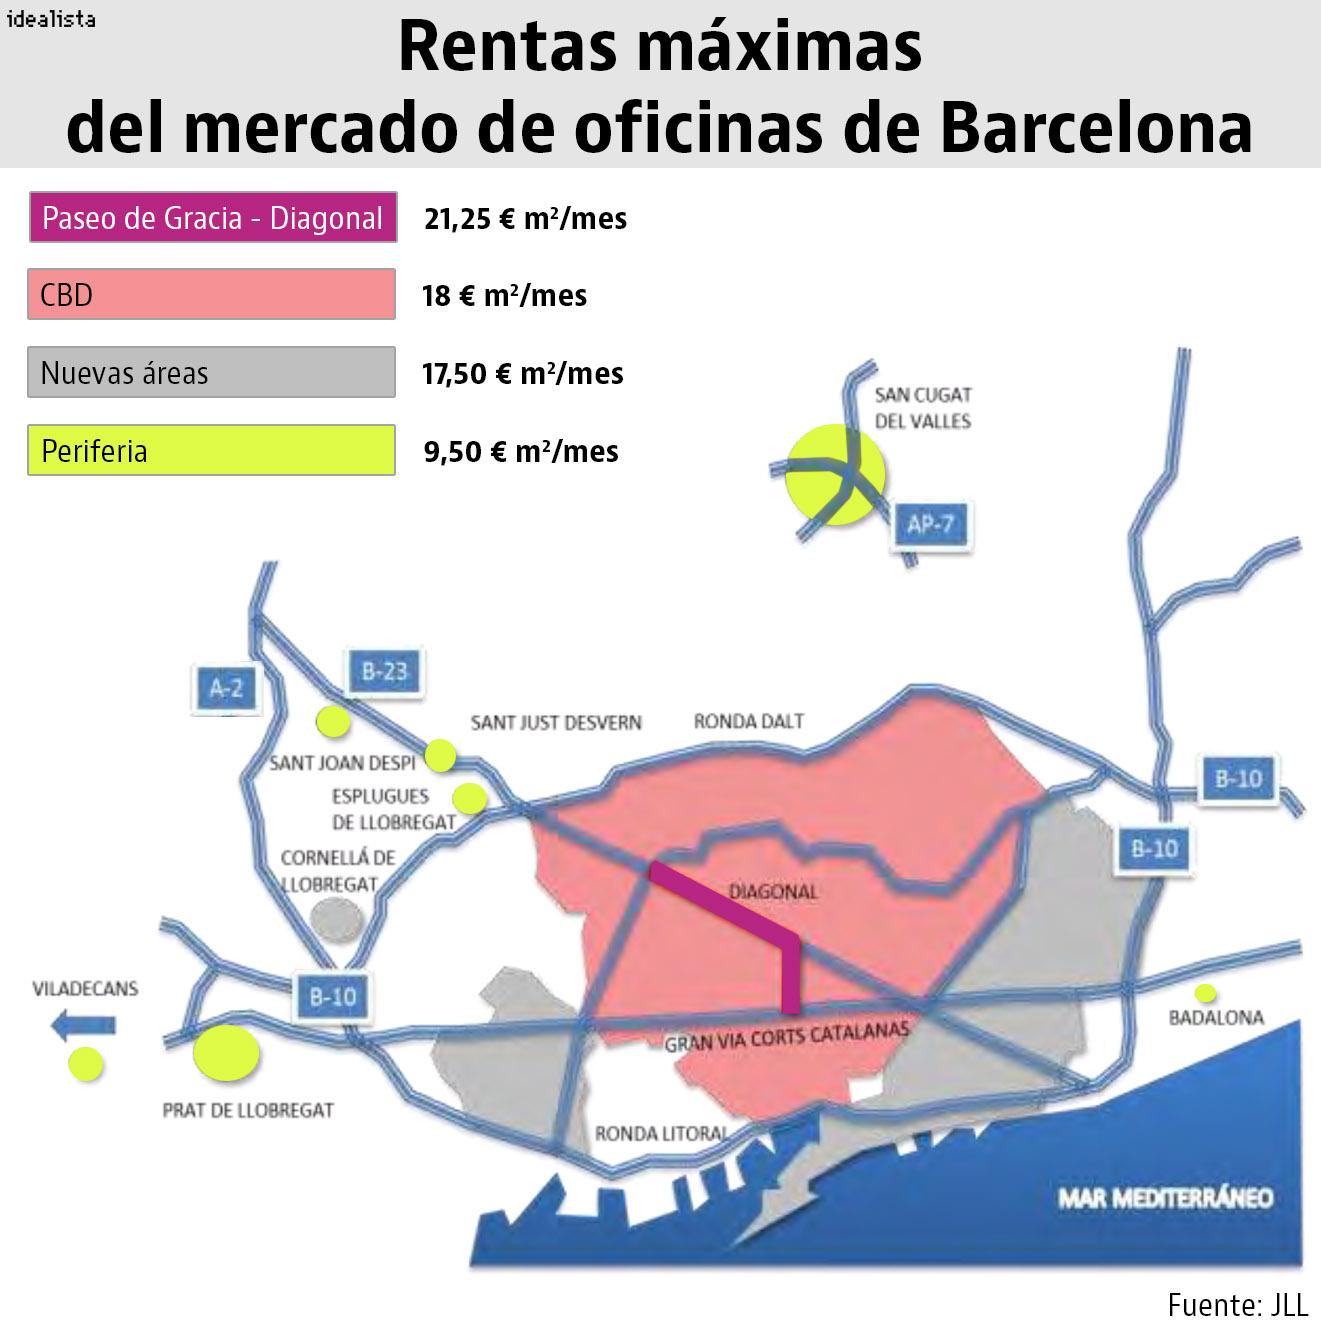 Madrid y barcelona las ciudades de europa donde m s for Oficinas de cambio de moneda en barcelona